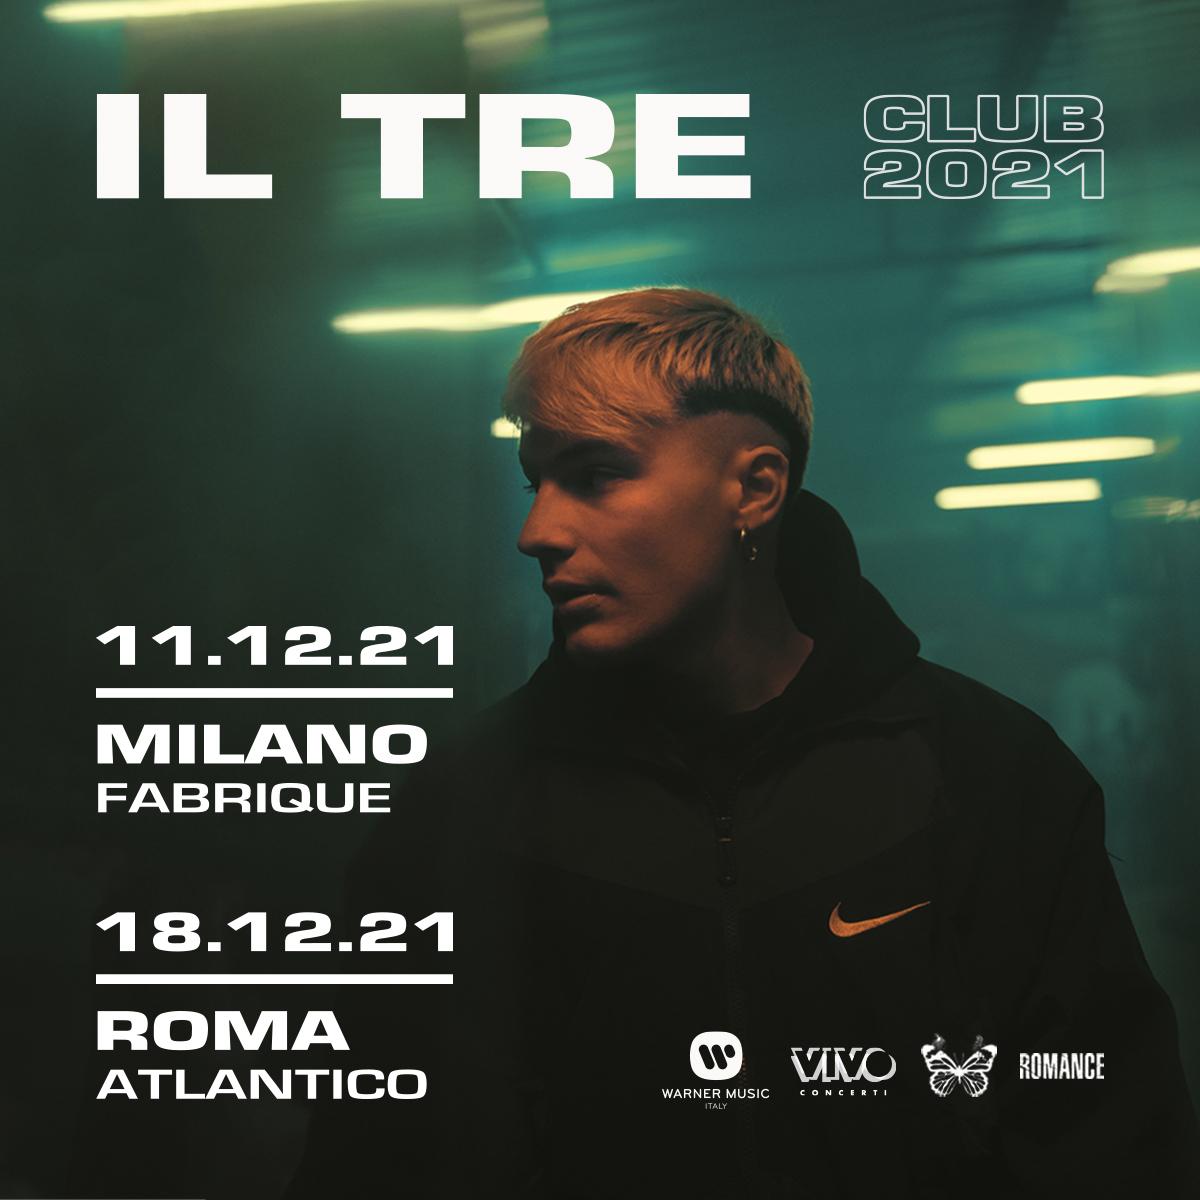 IL TRE- ANNUNCIATE DUE DATE LIVE A MILANO E ROMA - DICEMBRE 2021